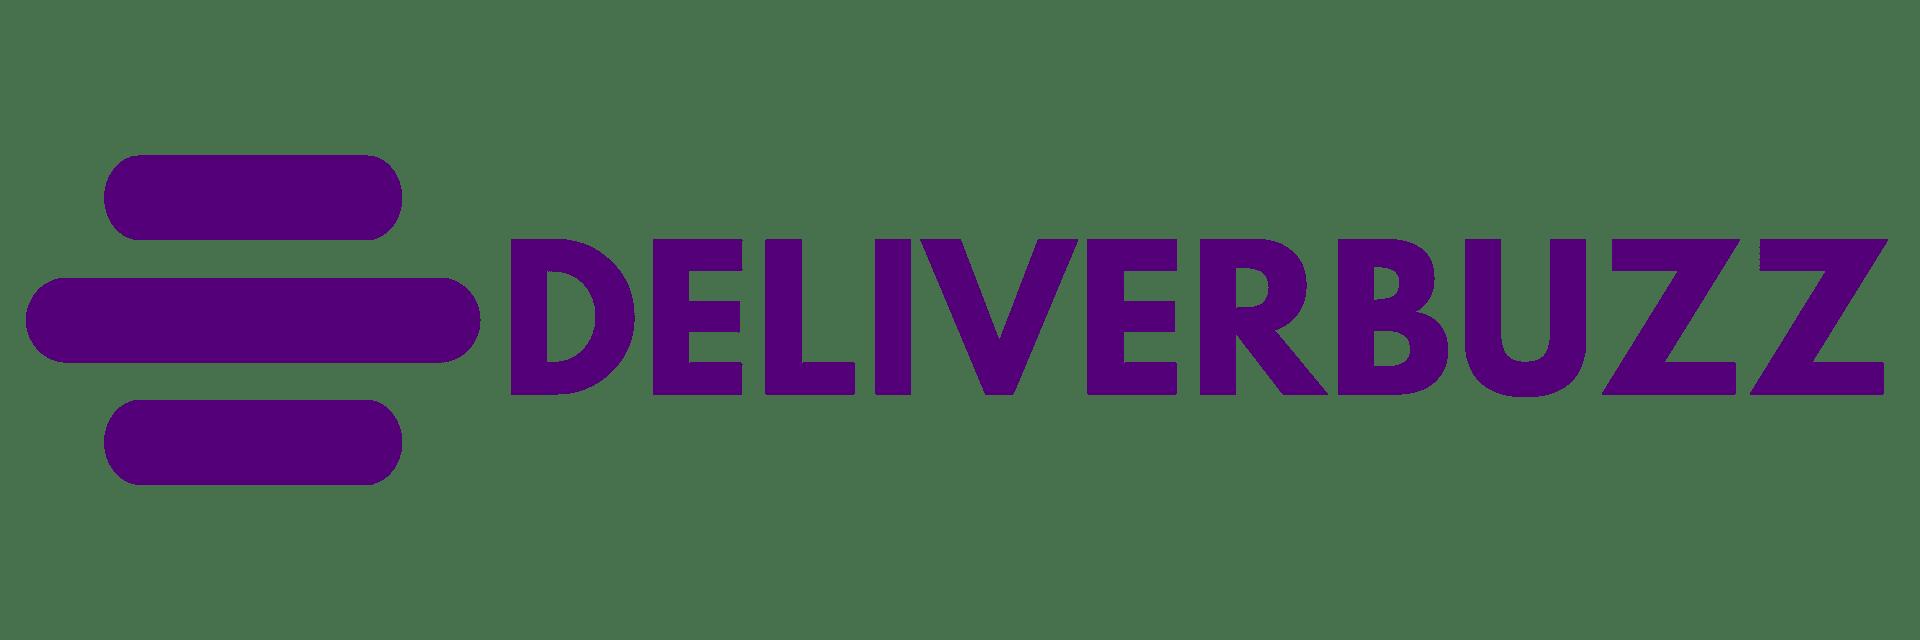 Delivebuzz logo